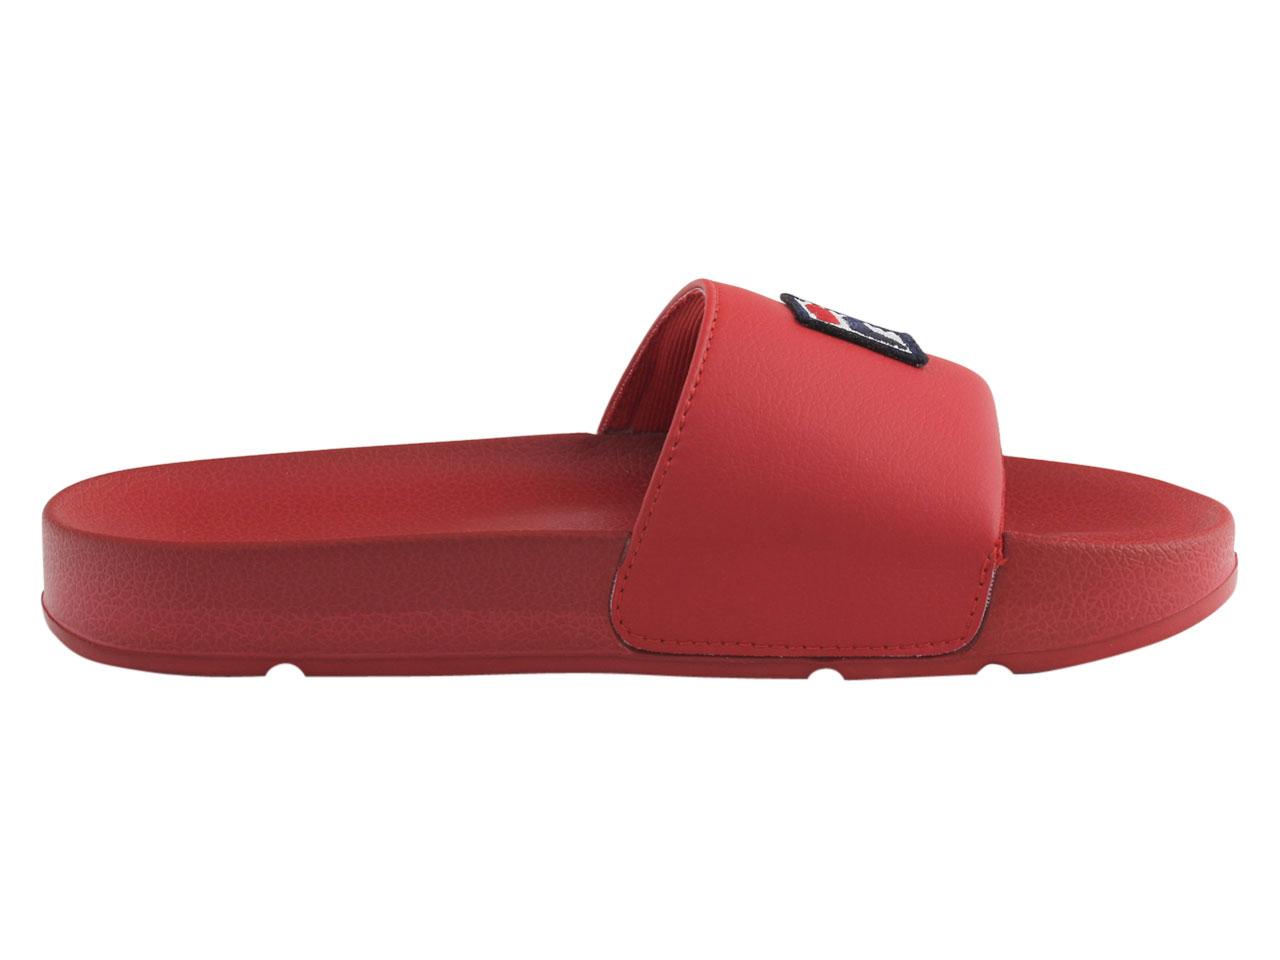 d348fff67065 Fila Men s Drifter F-Box Slides Sandals Shoes